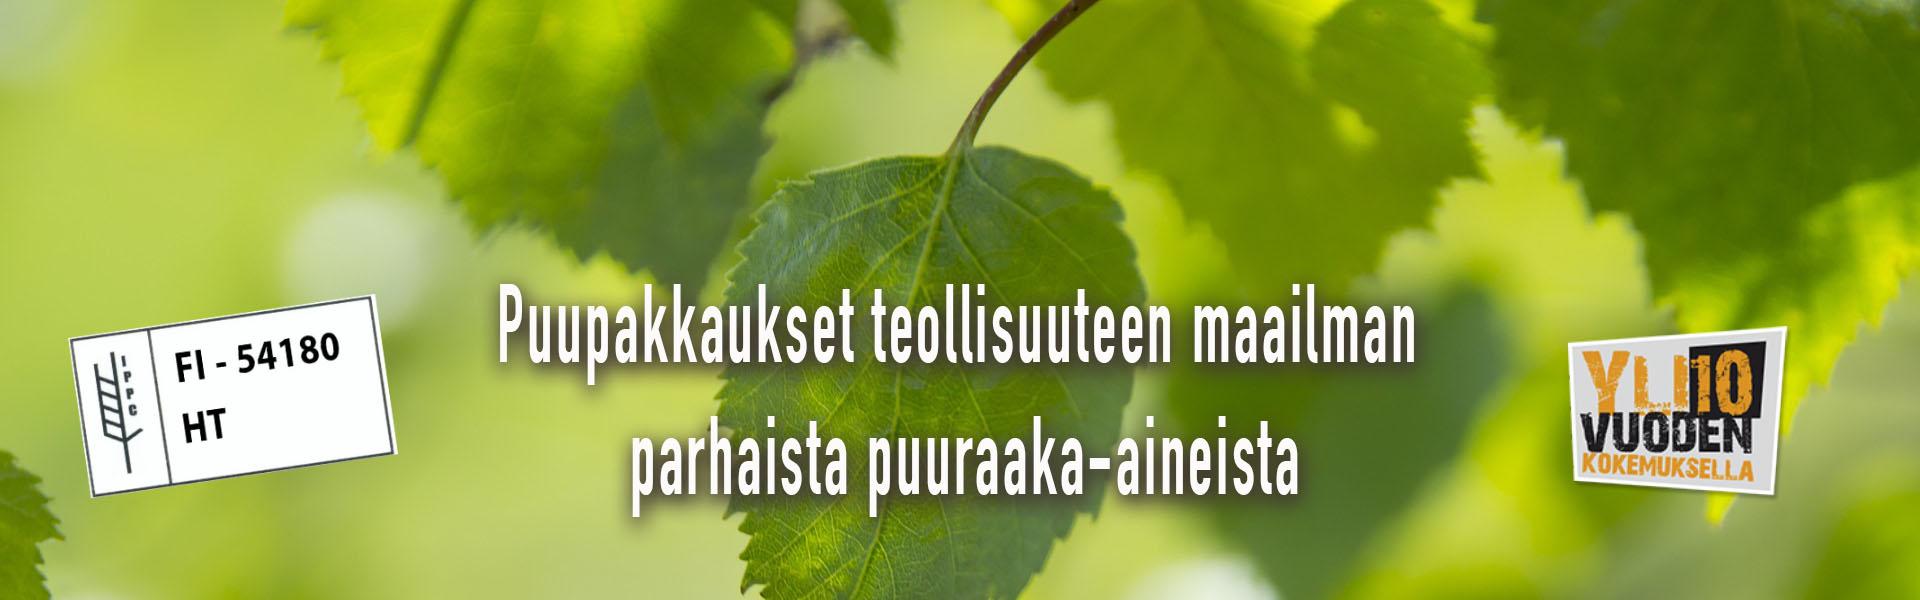 Puupakkaukset maailman parhaista puuraaka-aineista